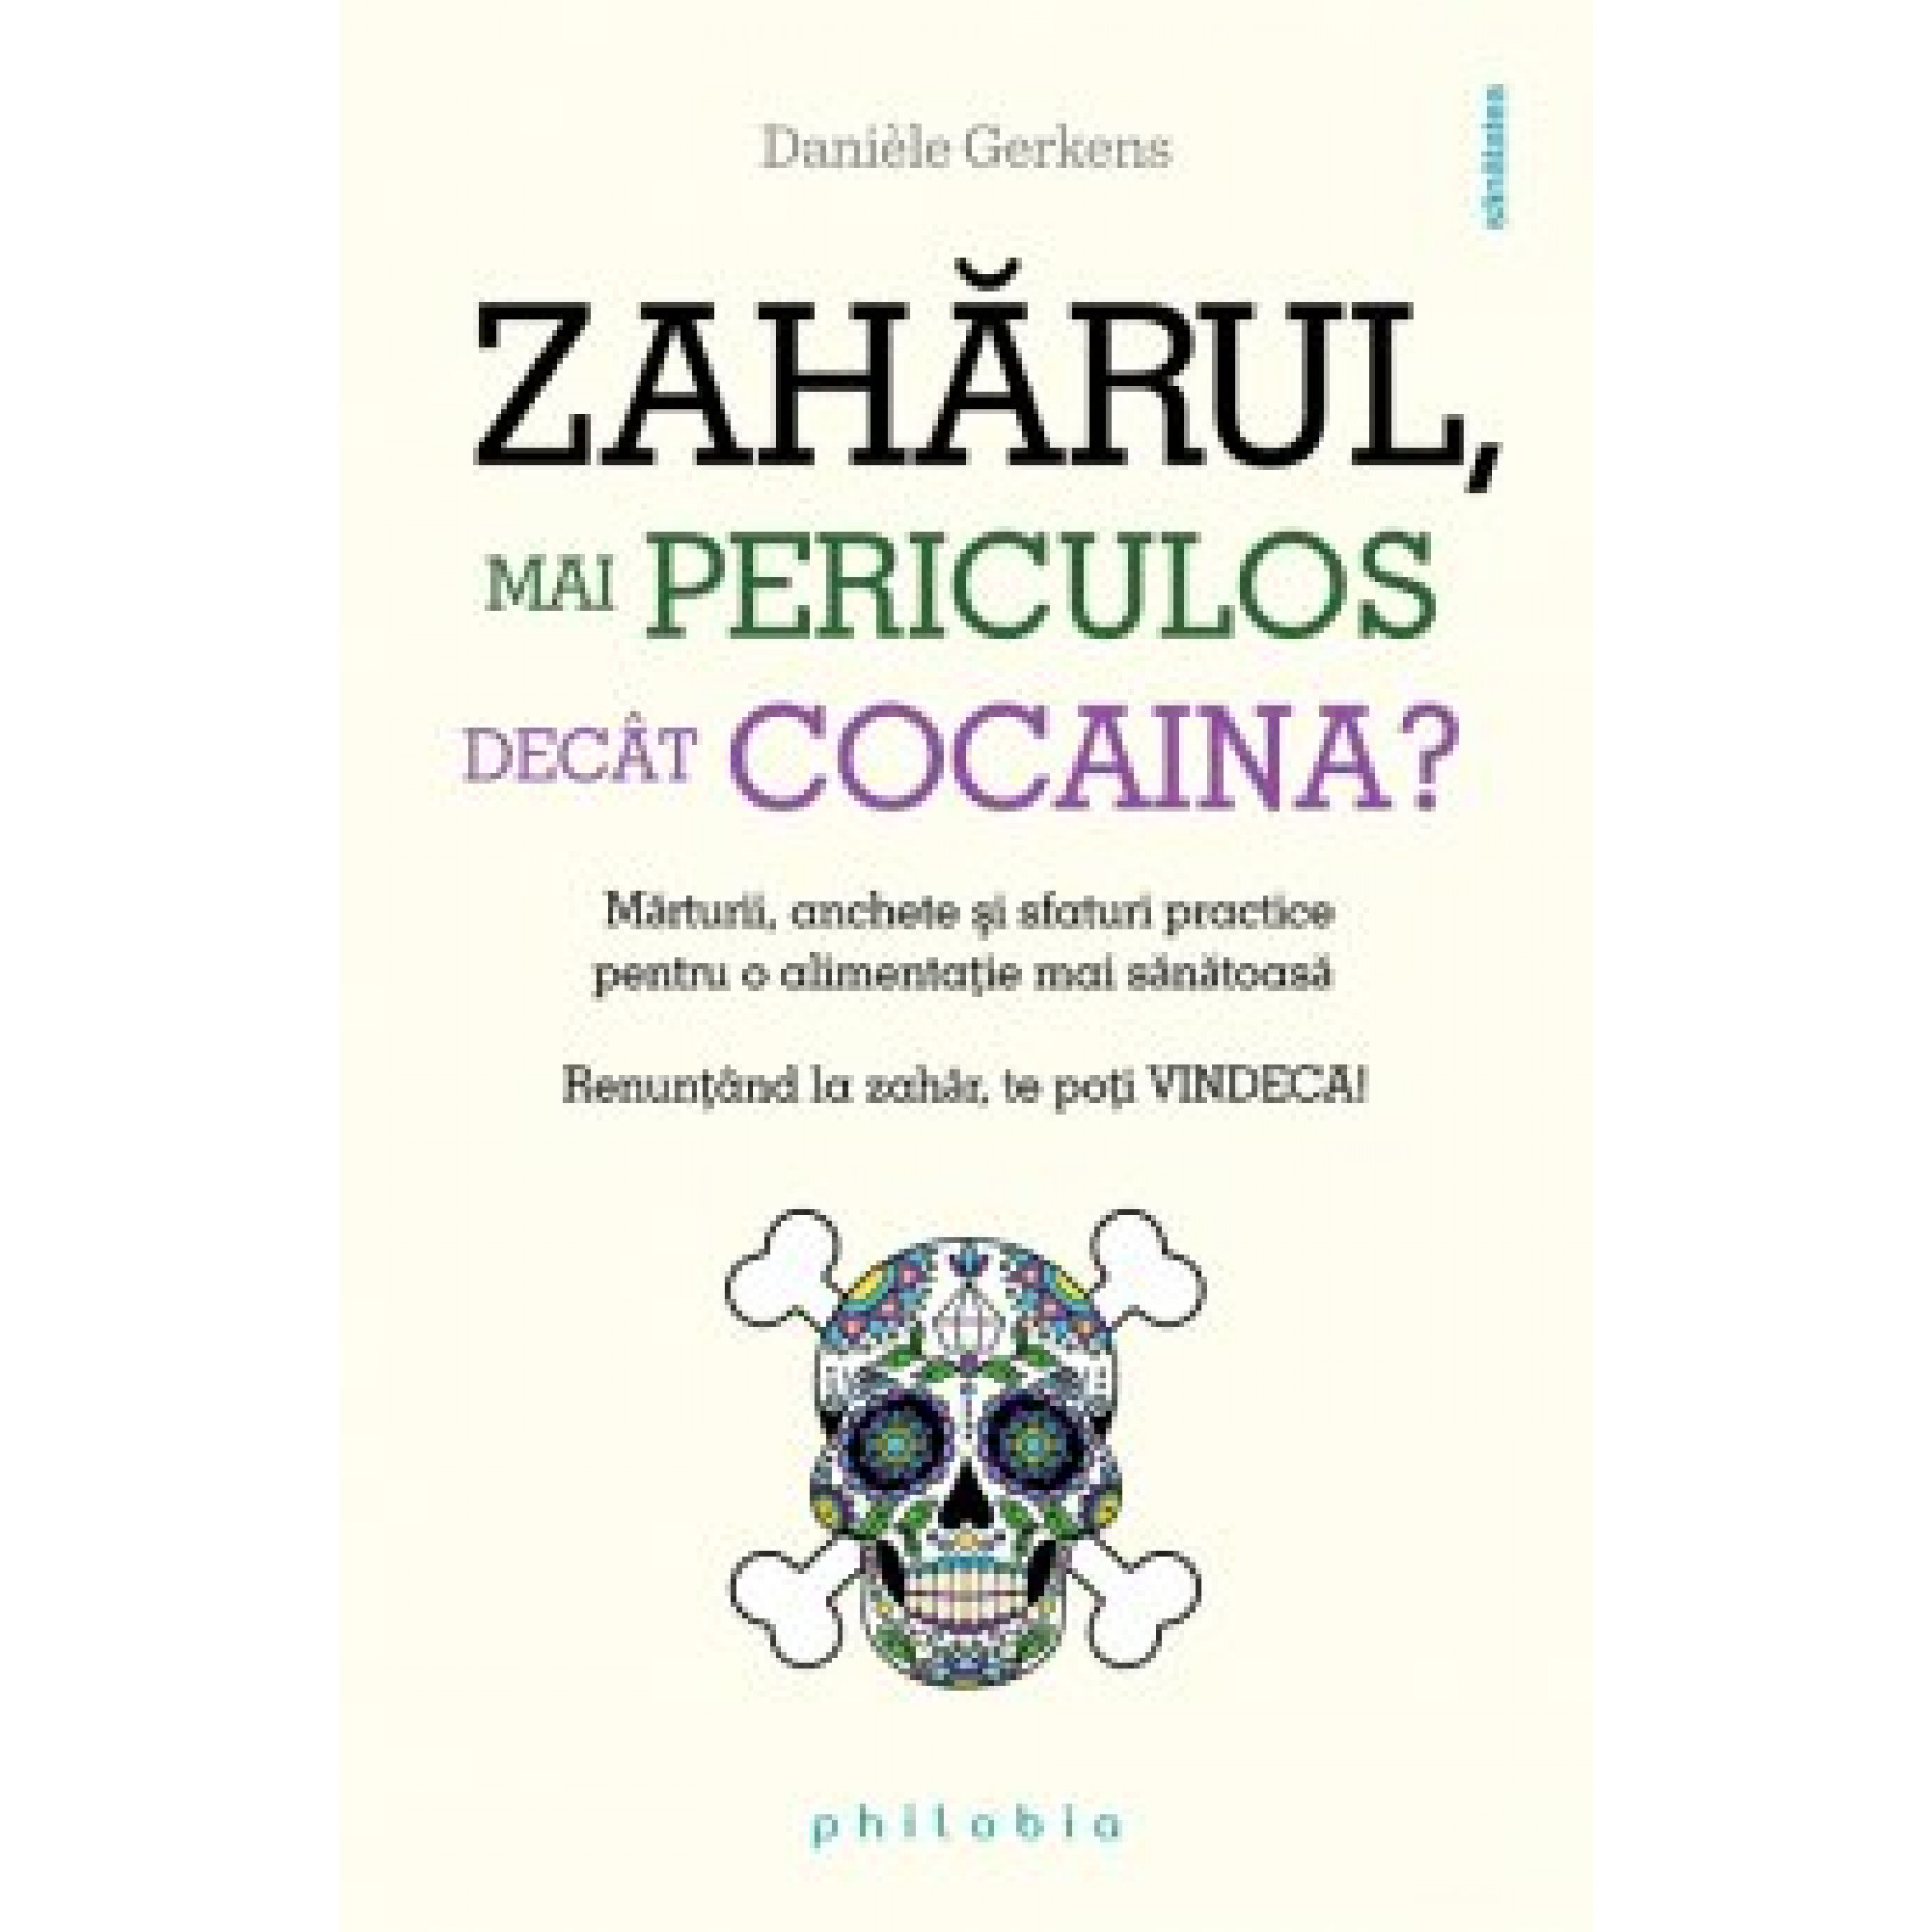 Zahărul, mai periculos decât cocaina?; Danièle Gerkens